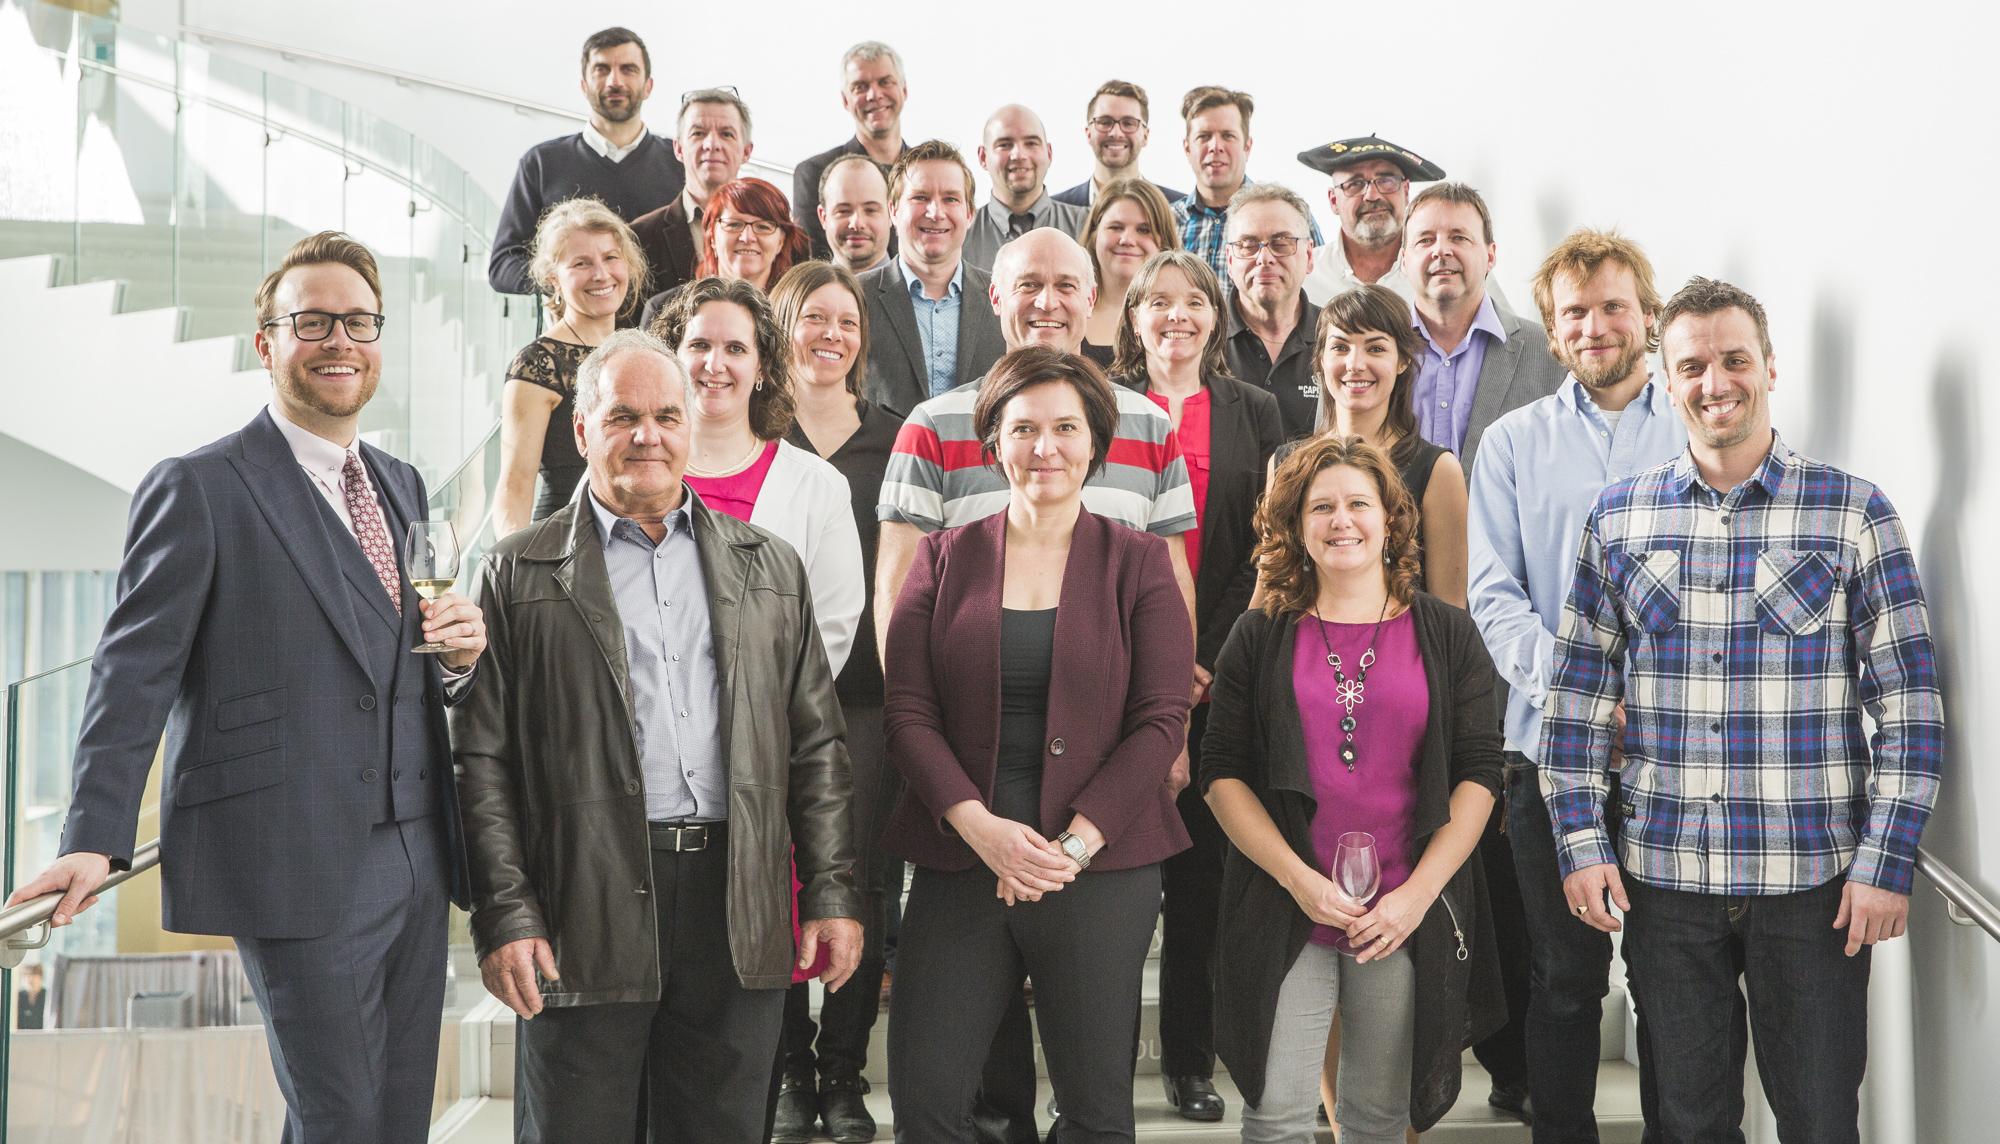 Vincent Lafortune et les producteurs de la 7e édition de Québec Exquis !